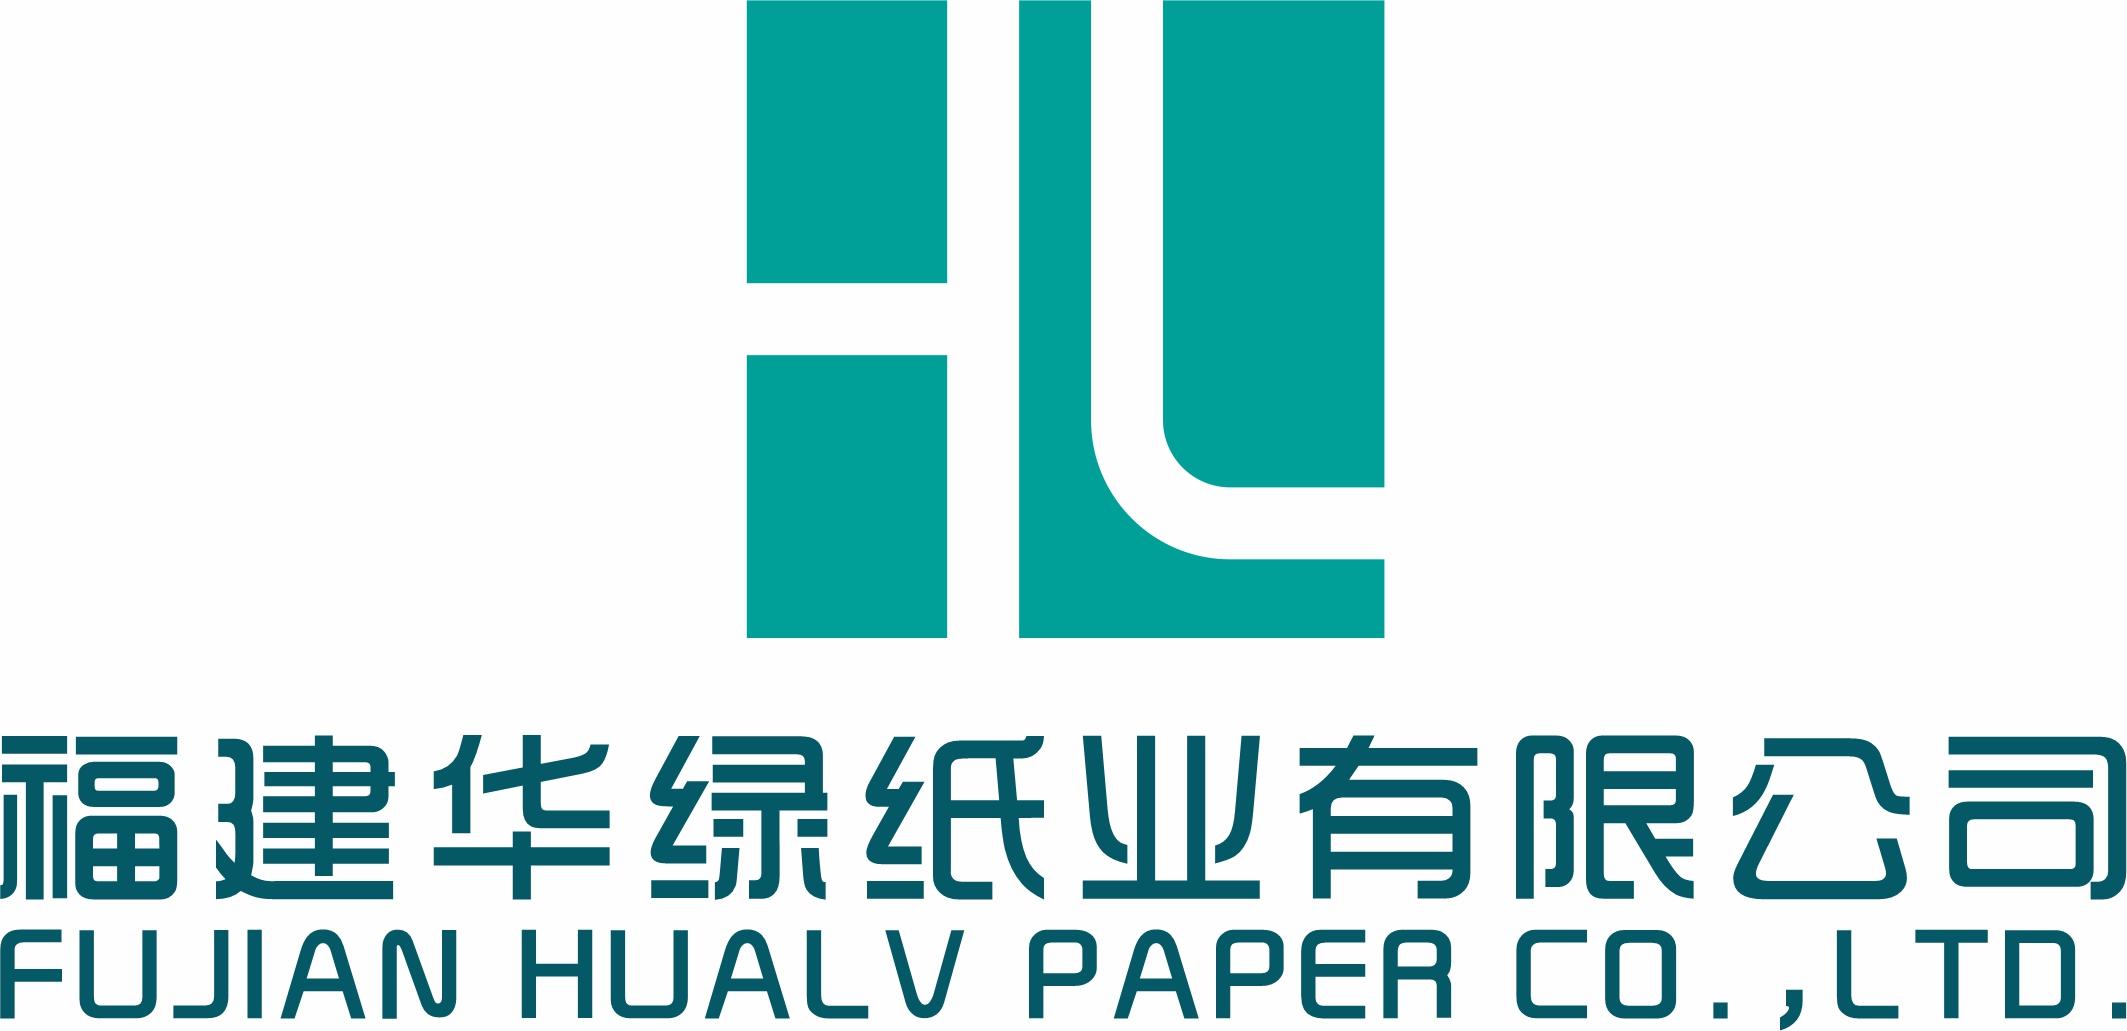 福建亚洲集团紙業有限公司